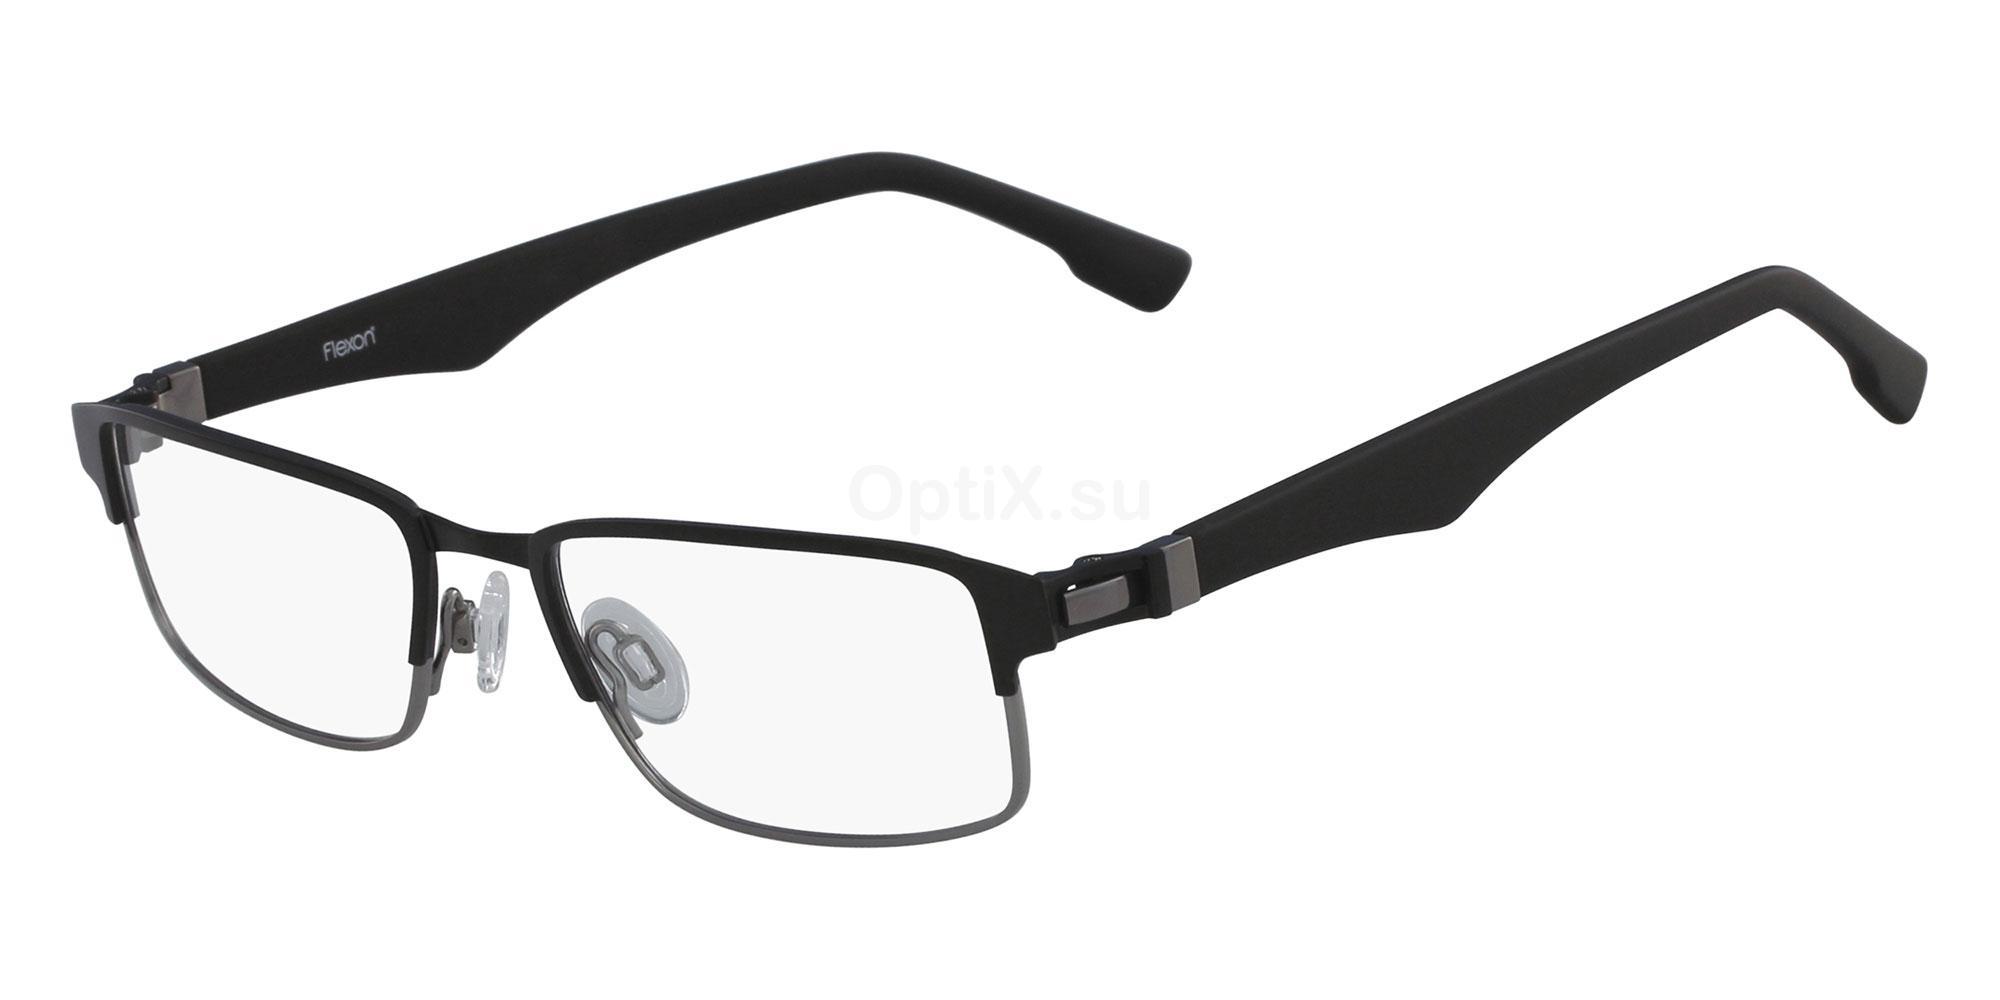 001 FLEXON E1072 Glasses, Flexon